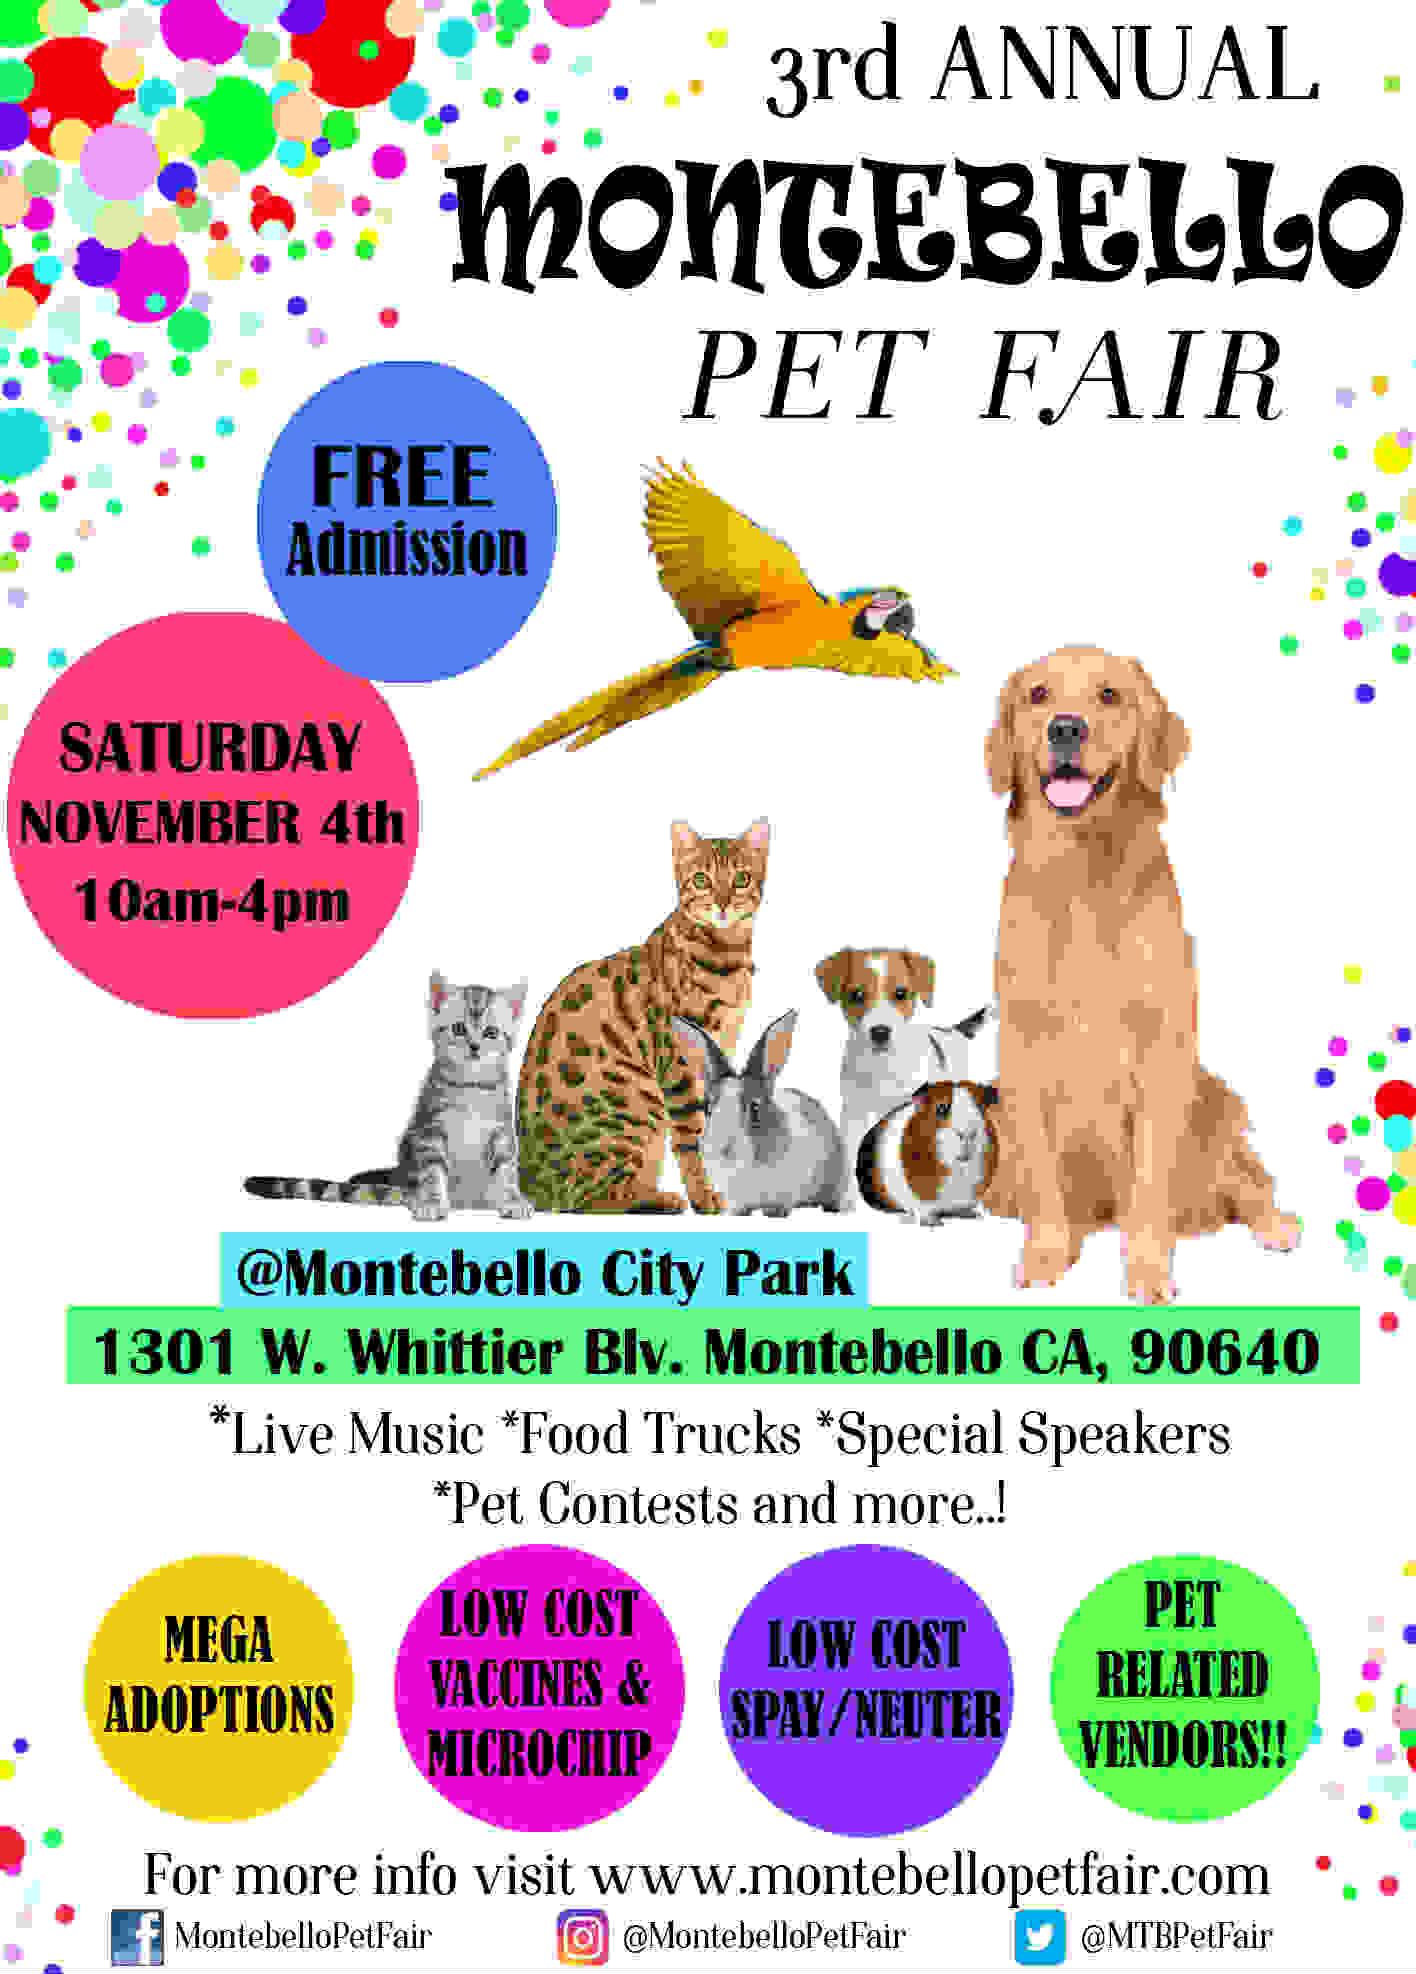 3rd Annual Montebello Pet Fair